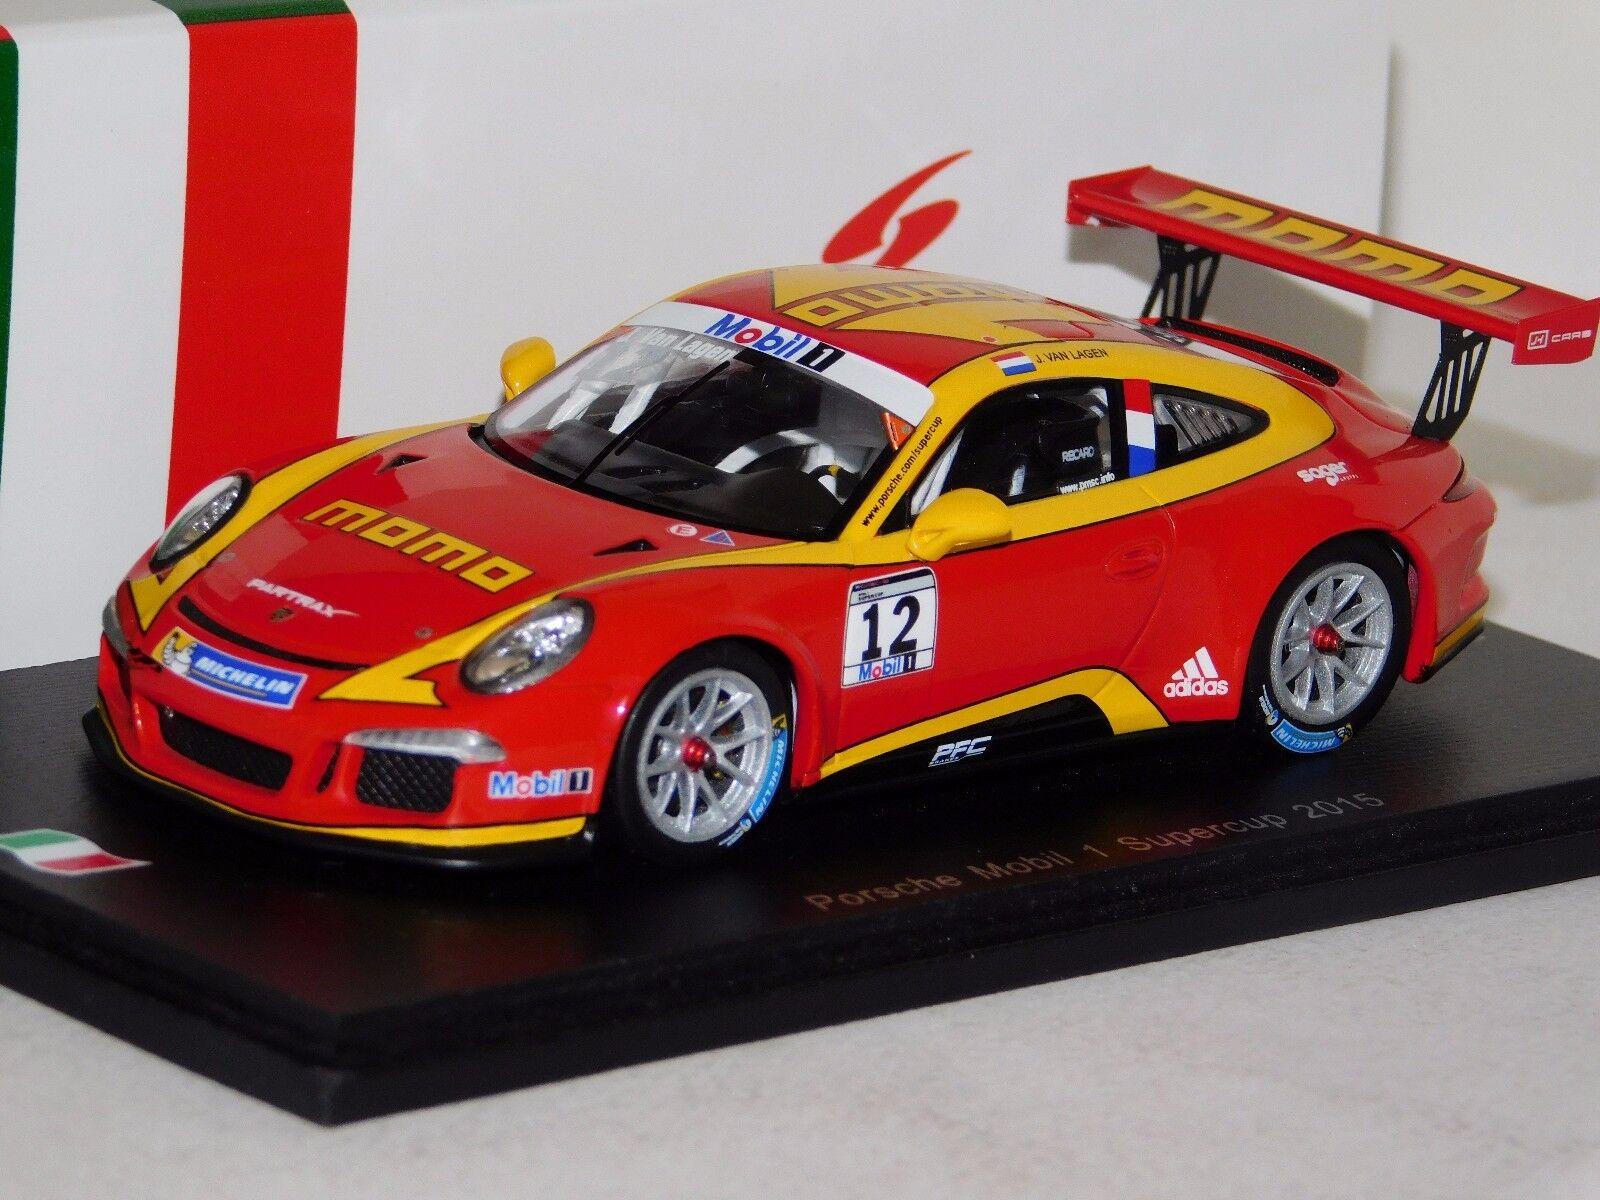 PORSCHE 911 GT3 MOMO MOBIL 1 Cup 2015  12 J.V. Lagen Spark Lim. SI003 1 43